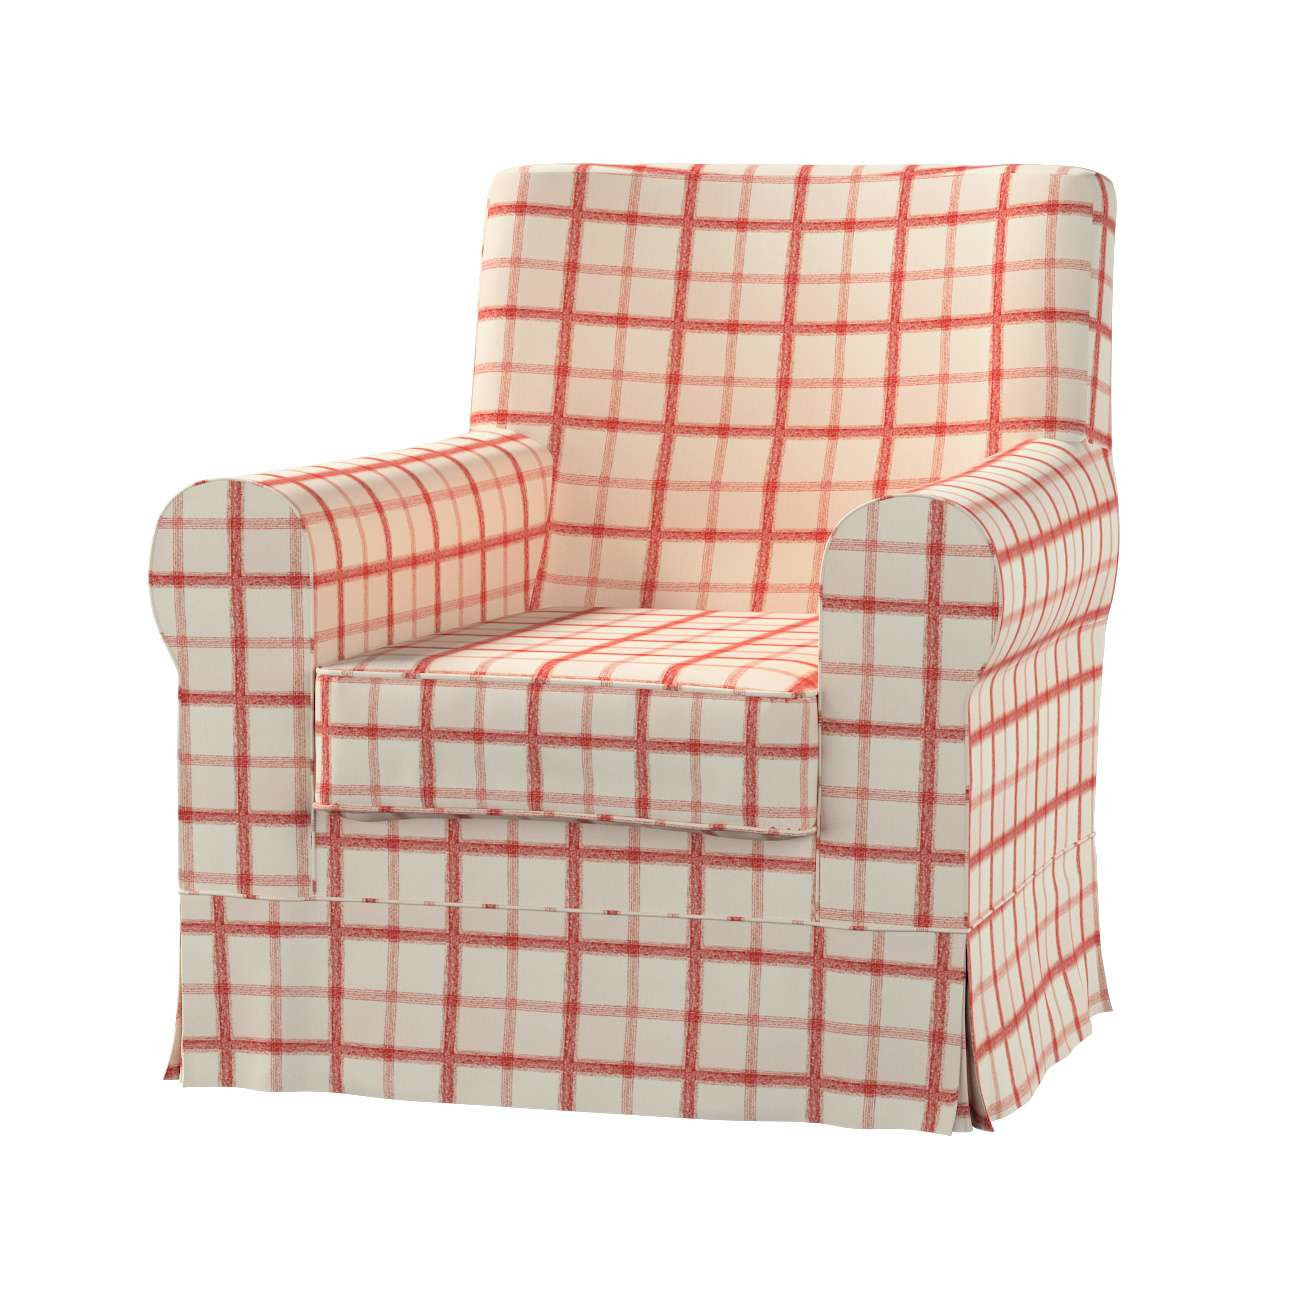 Ektorp Jennylund Sesselbezug Sesselhusse, Ektorp Jennylund von der Kollektion Avinon, Stoff: 131-15